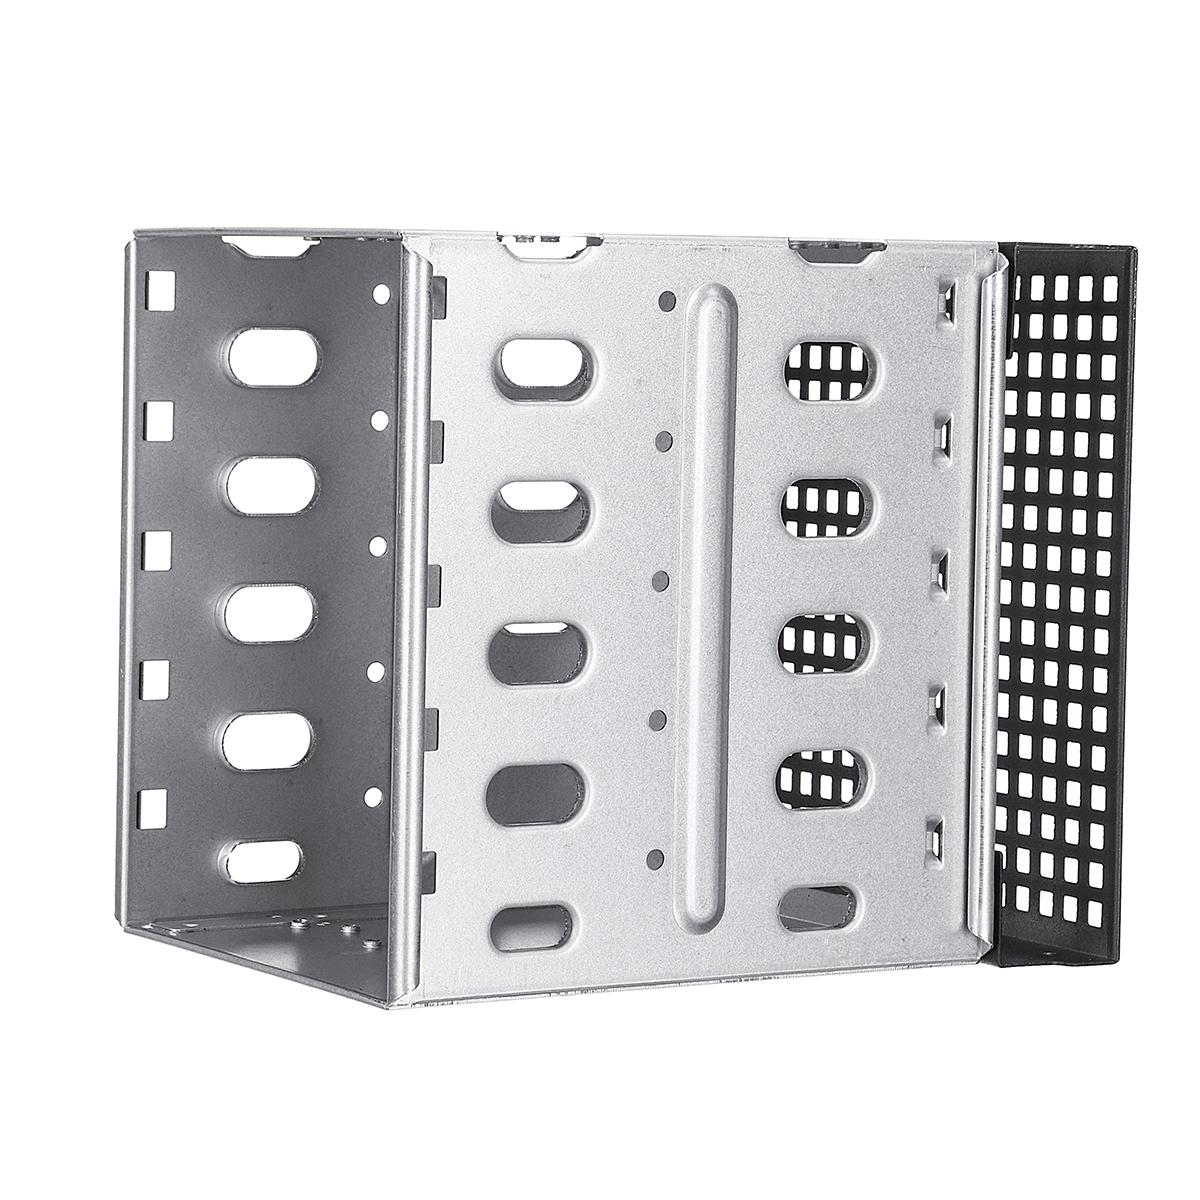 ER316023020 Oven Range Temperature Knob for Frigidaire Part # 316023020